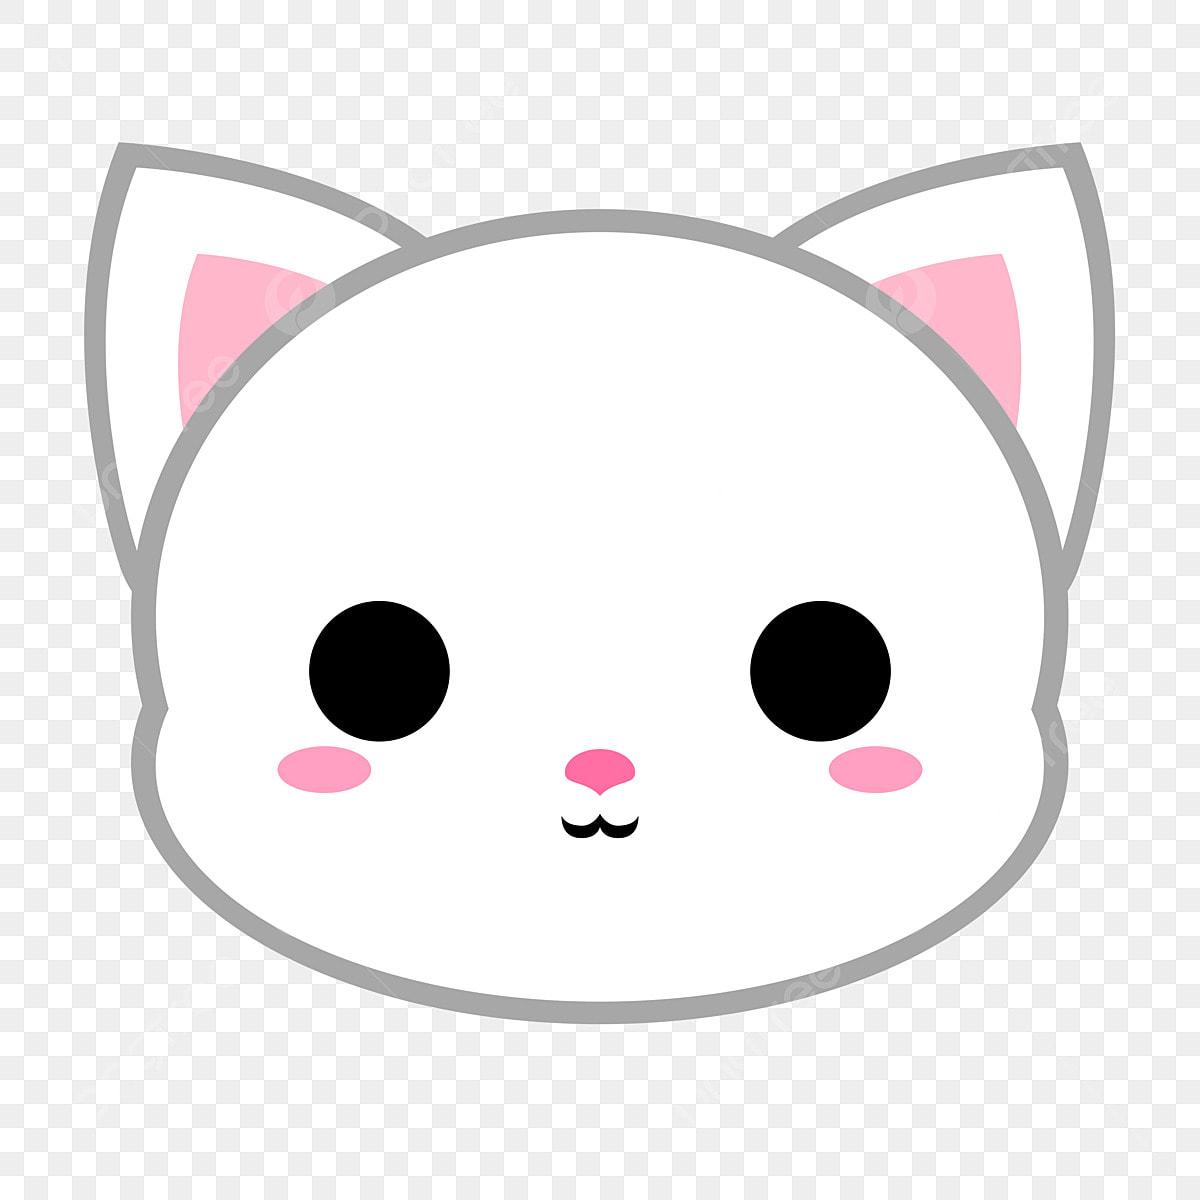 Cute Kucing Putih Kepala Haiwan Kucing Kartun Kucing Fail